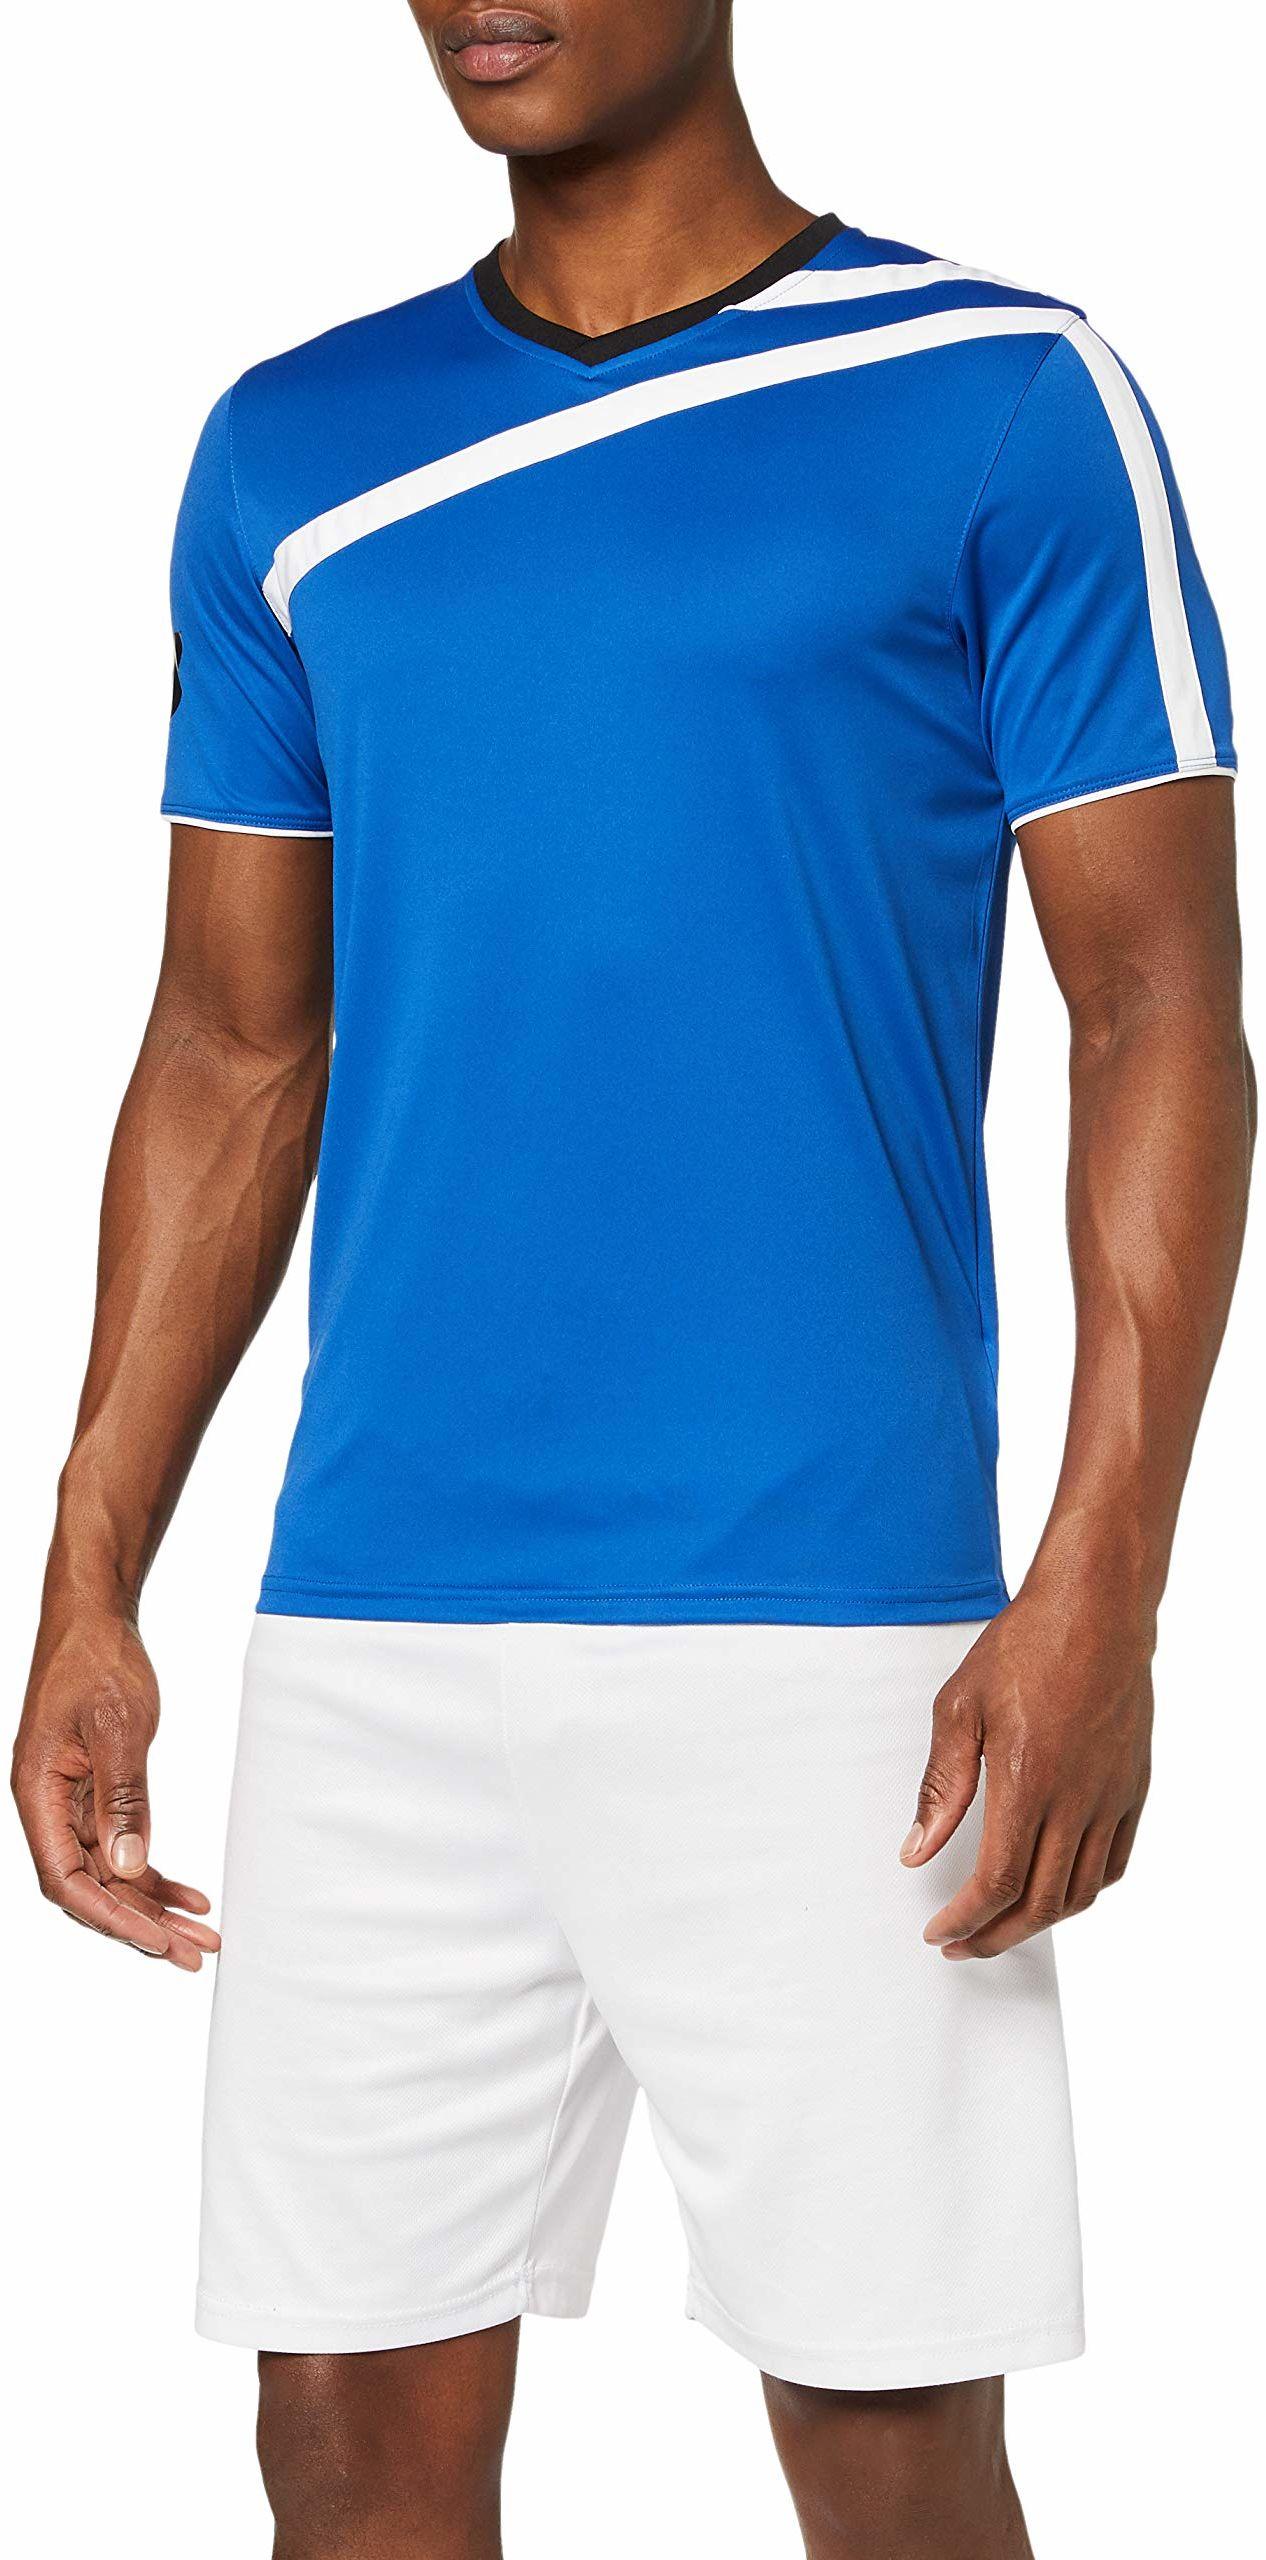 Pro Touch Kristopher t-shirt męski, niebieski, XL